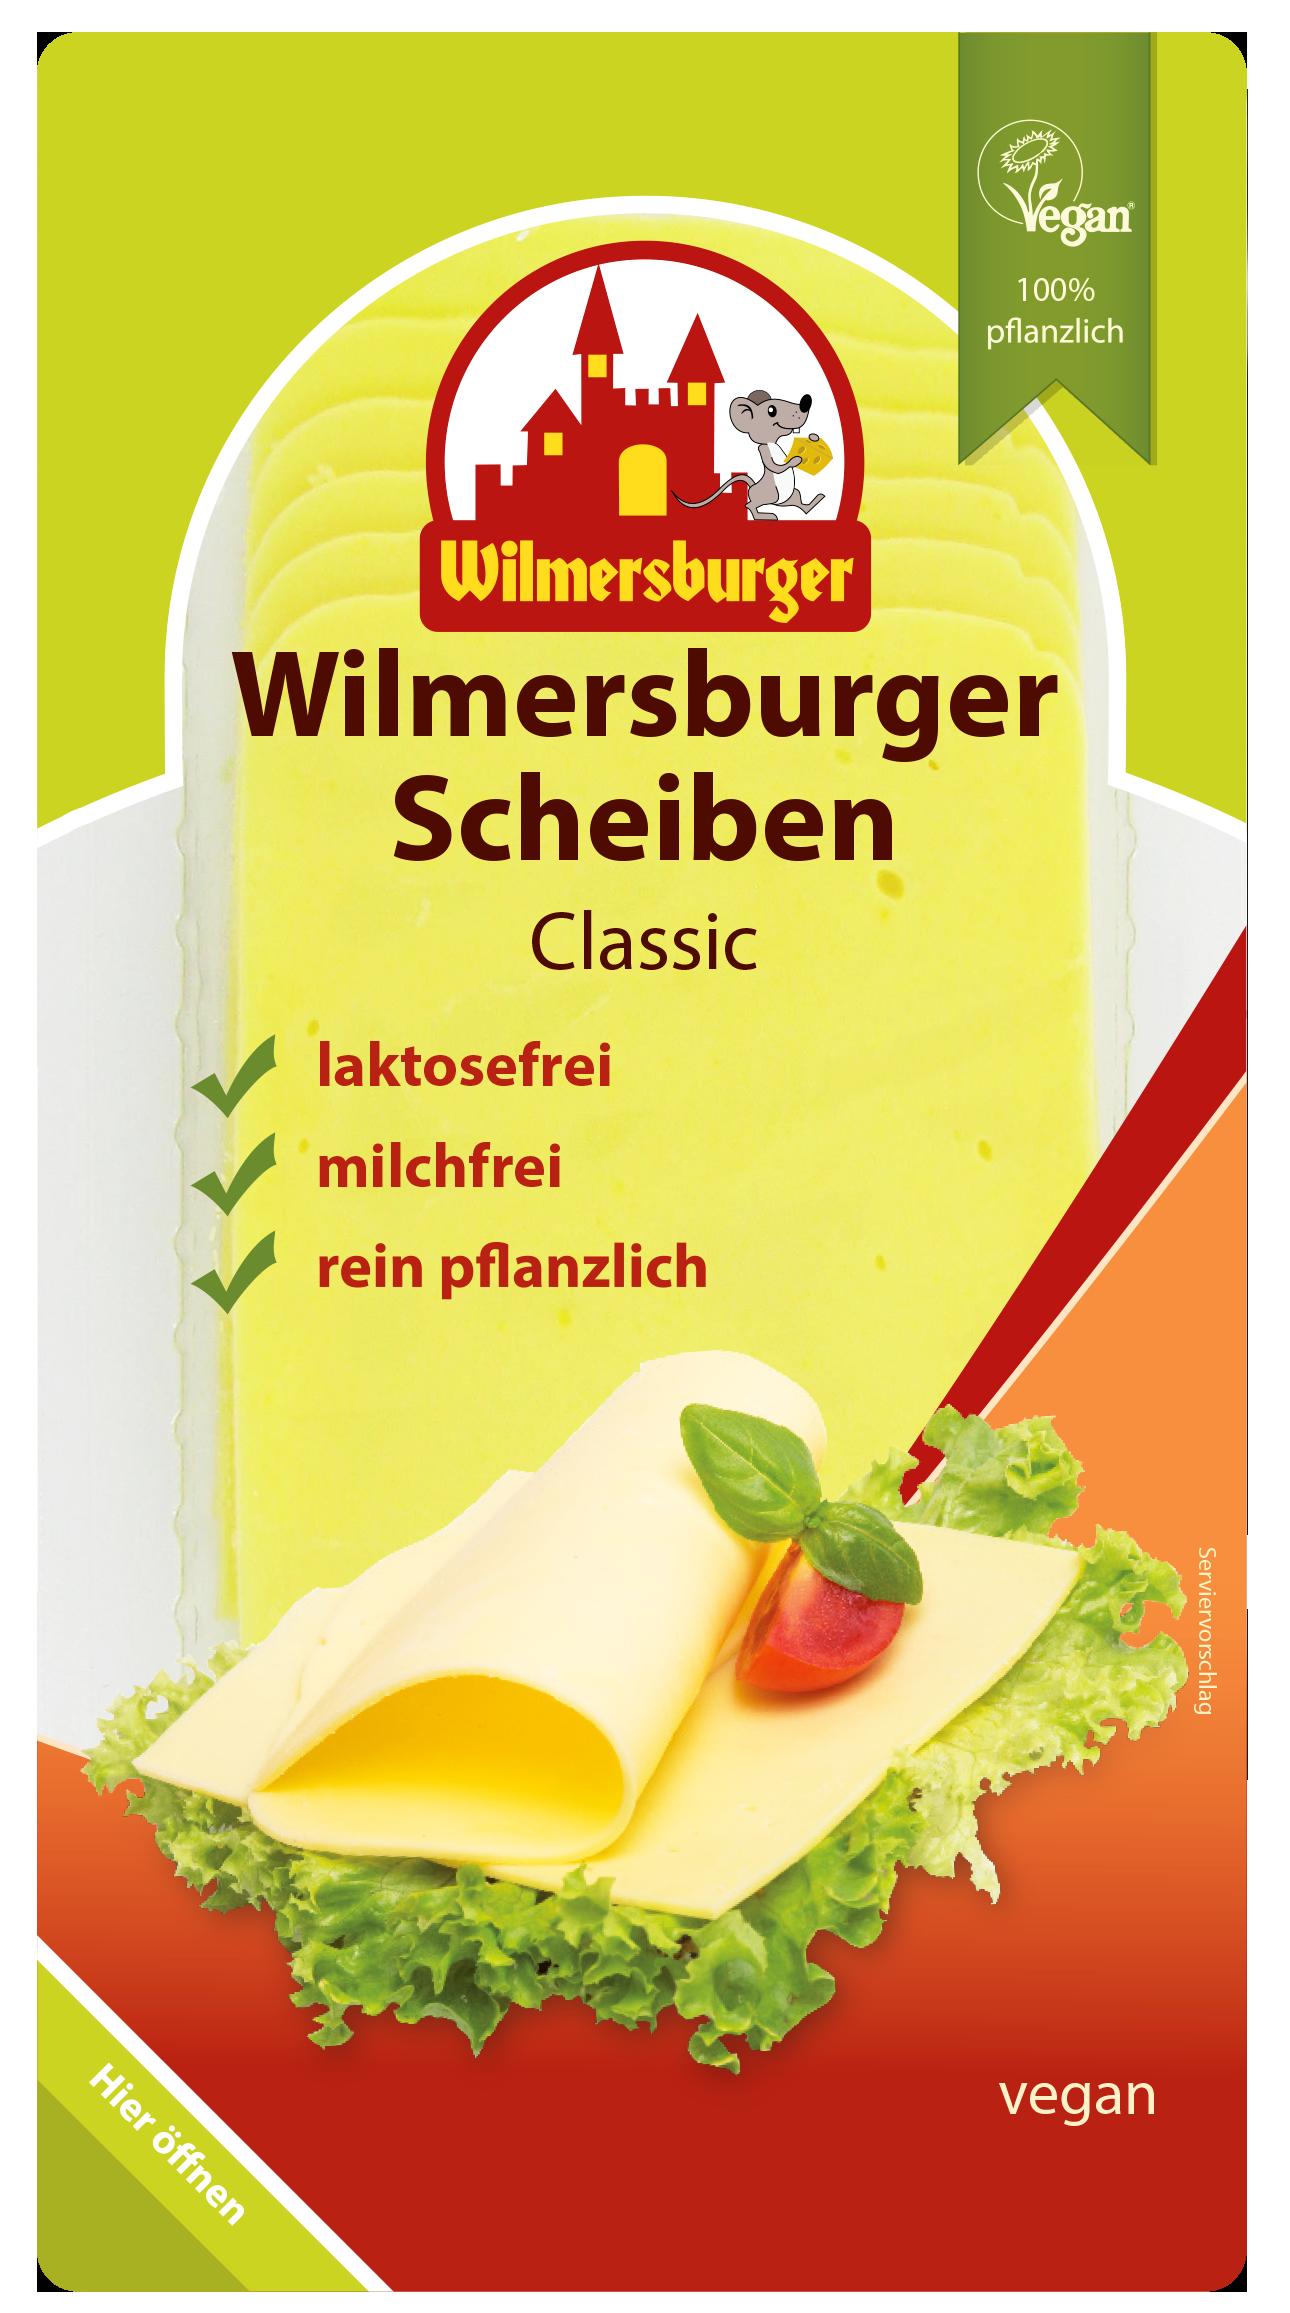 Wilmersburger Scheiben